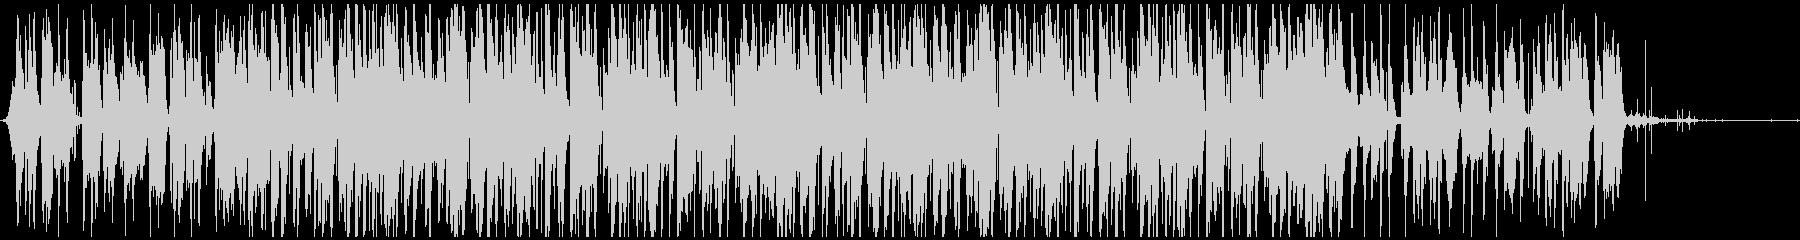 バサノバ レトロ 劇的な エキゾチ...の未再生の波形